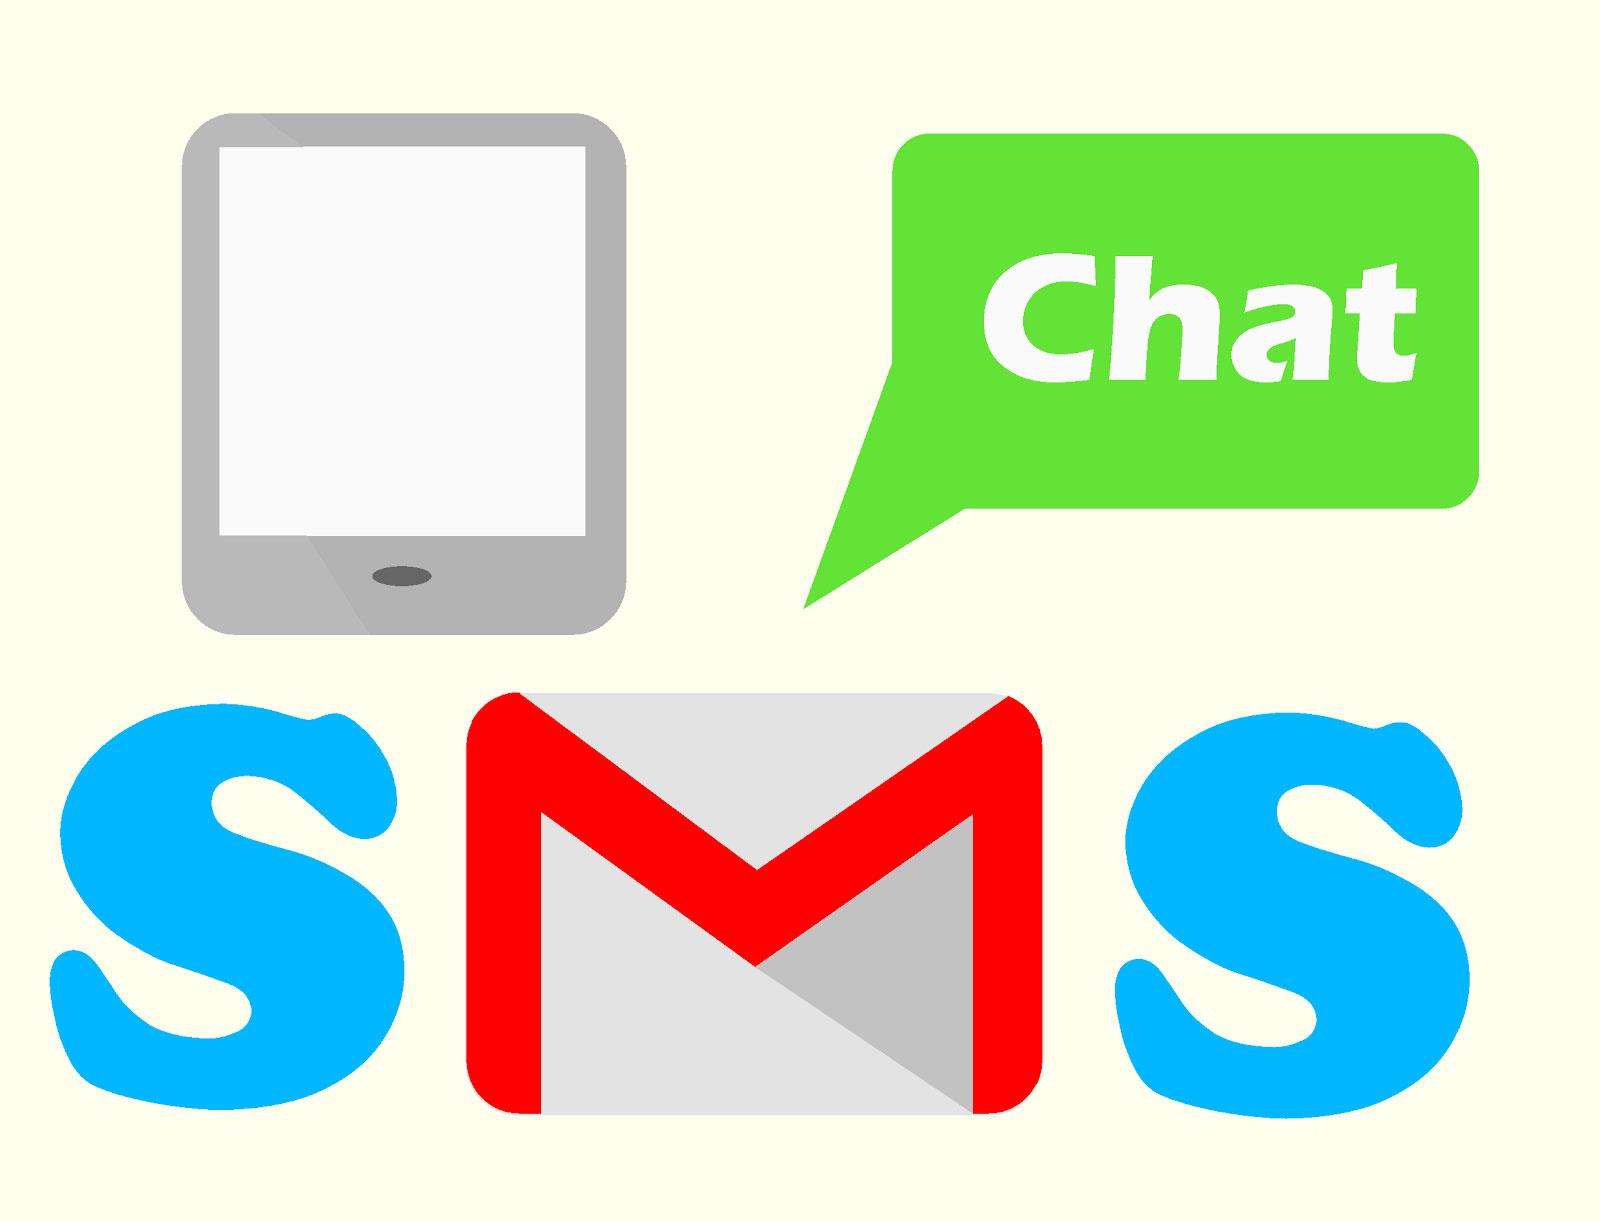 یکی از ویژگی های طراحی سایت ایران وب سایت قابلیت پنل SMS می باشد